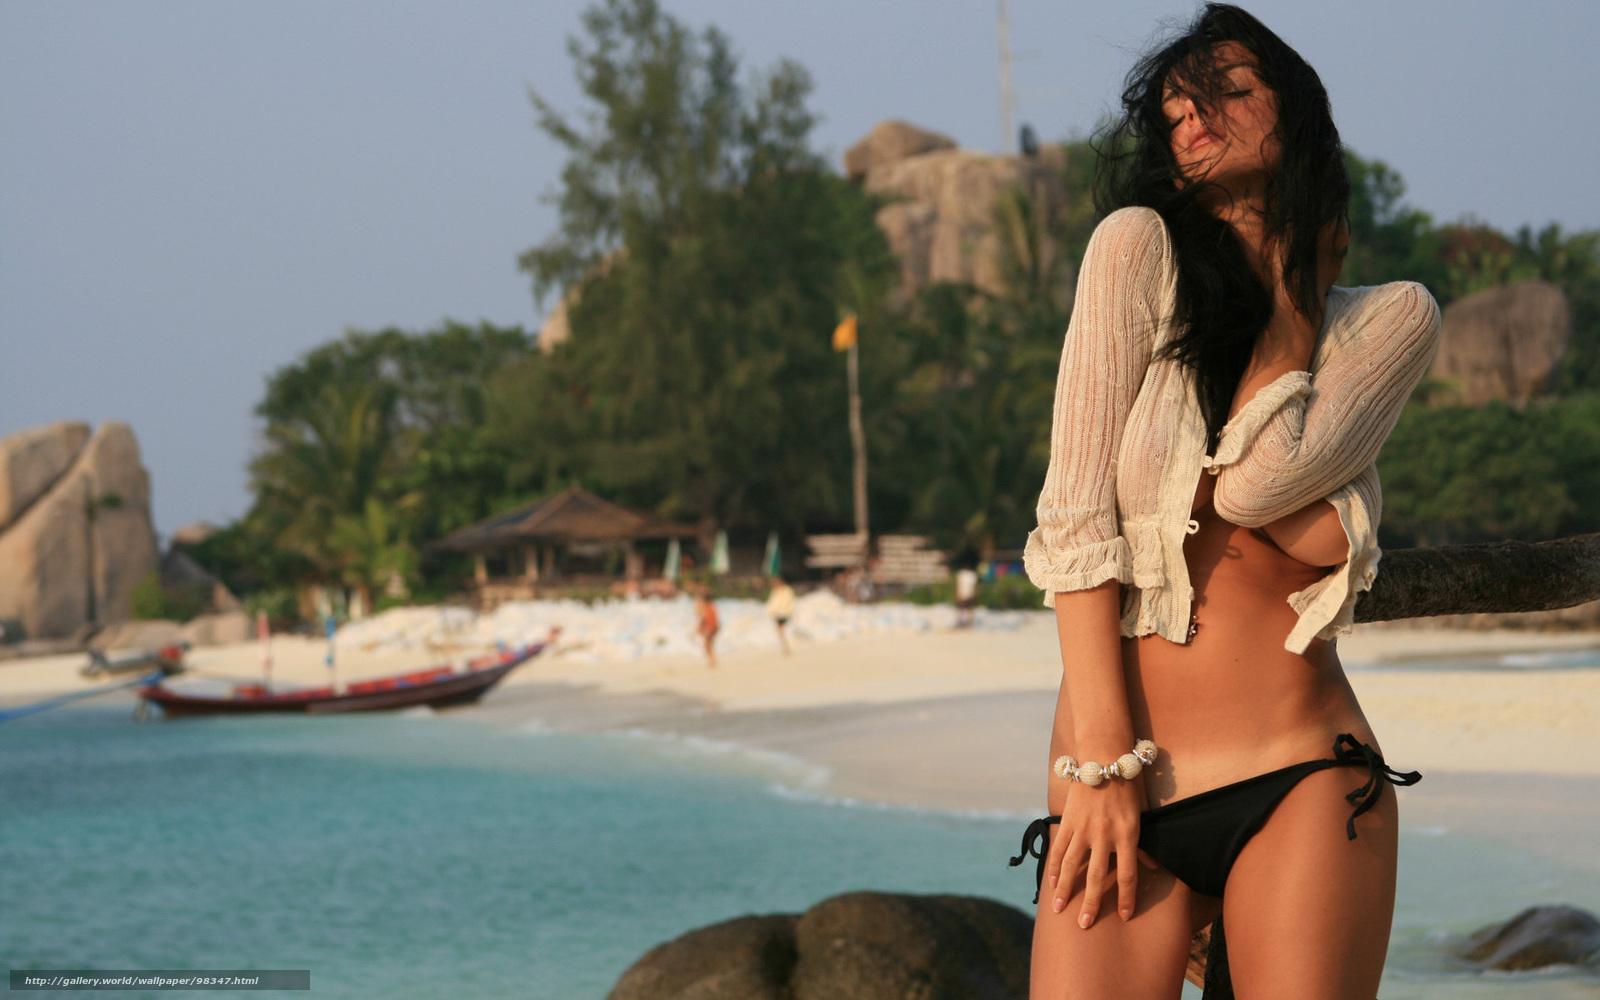 Русские девушки на пляже турции 12 фотография